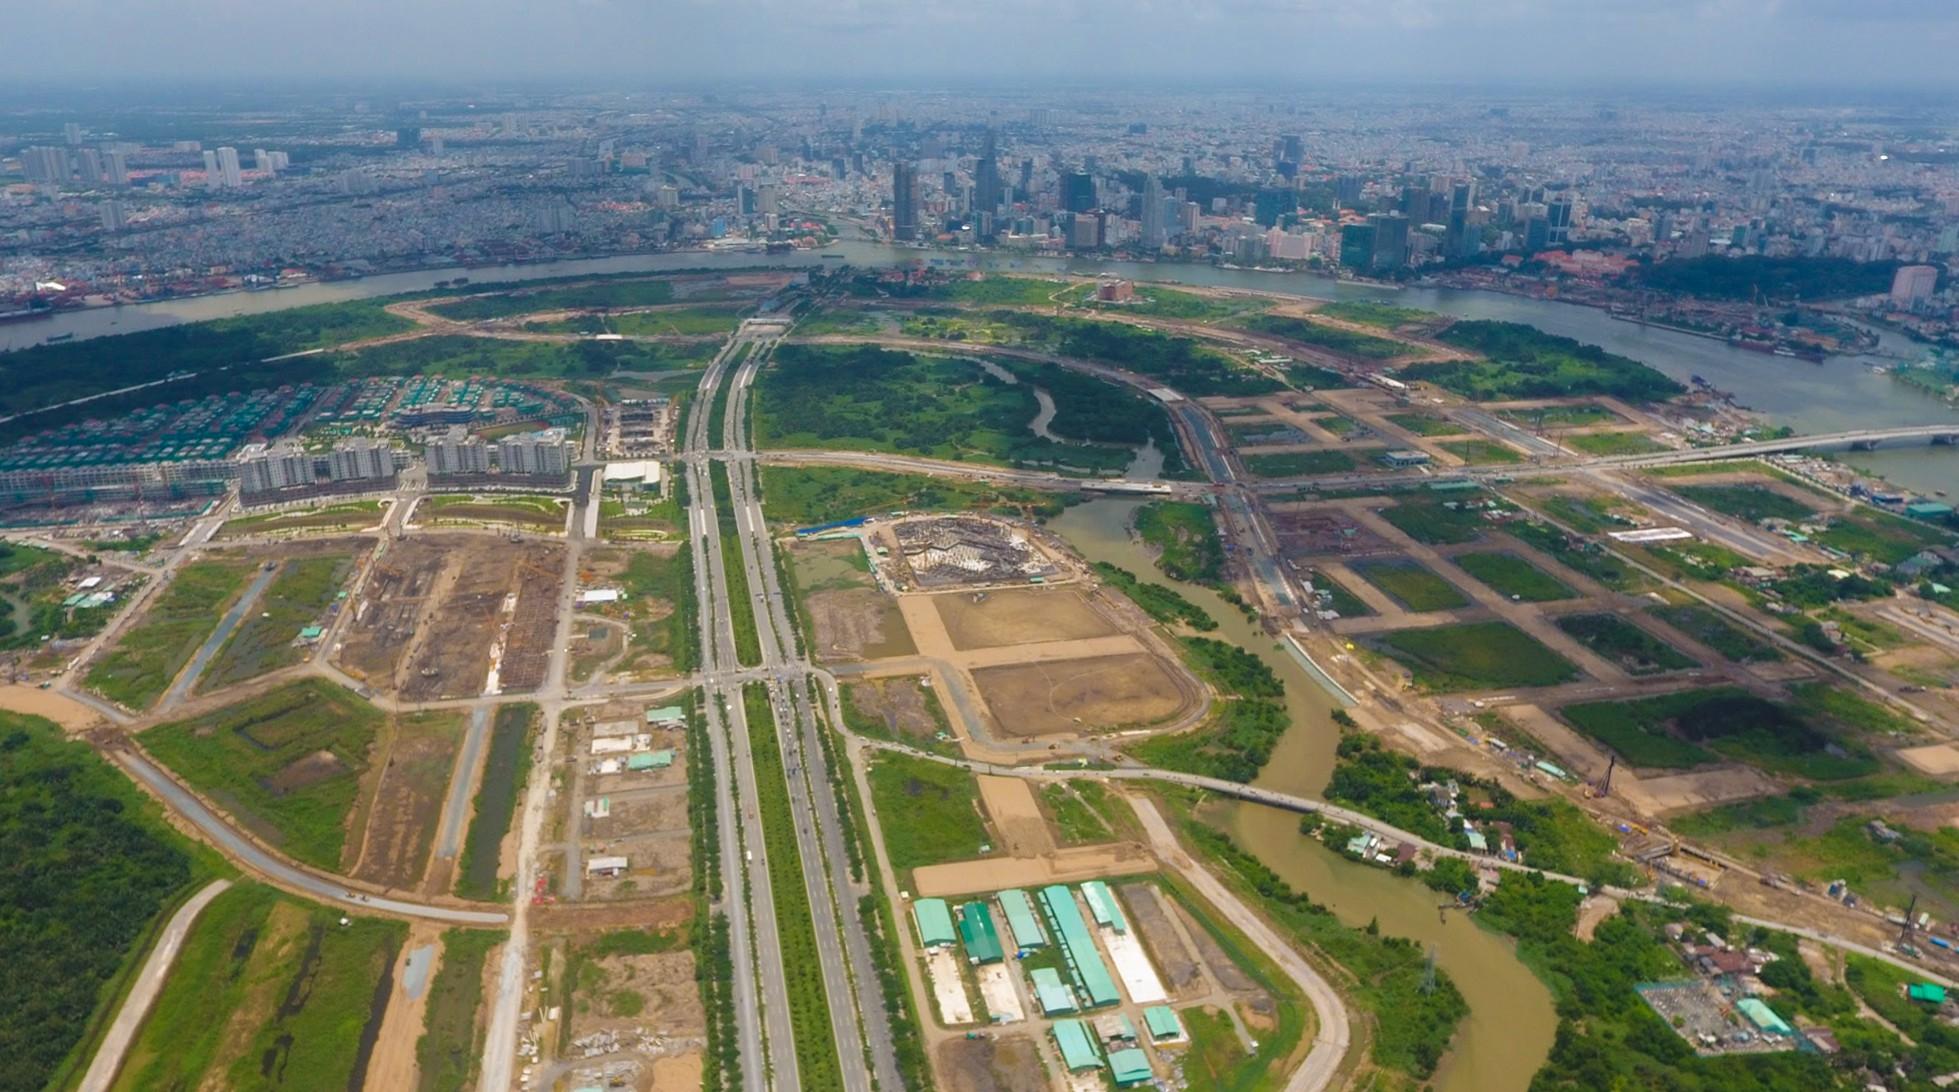 Diện mạo bán đảo Thủ Thiêm - khu đô thị đẹp nhất Sài Gòn nhìn từ trên cao - Ảnh 12.